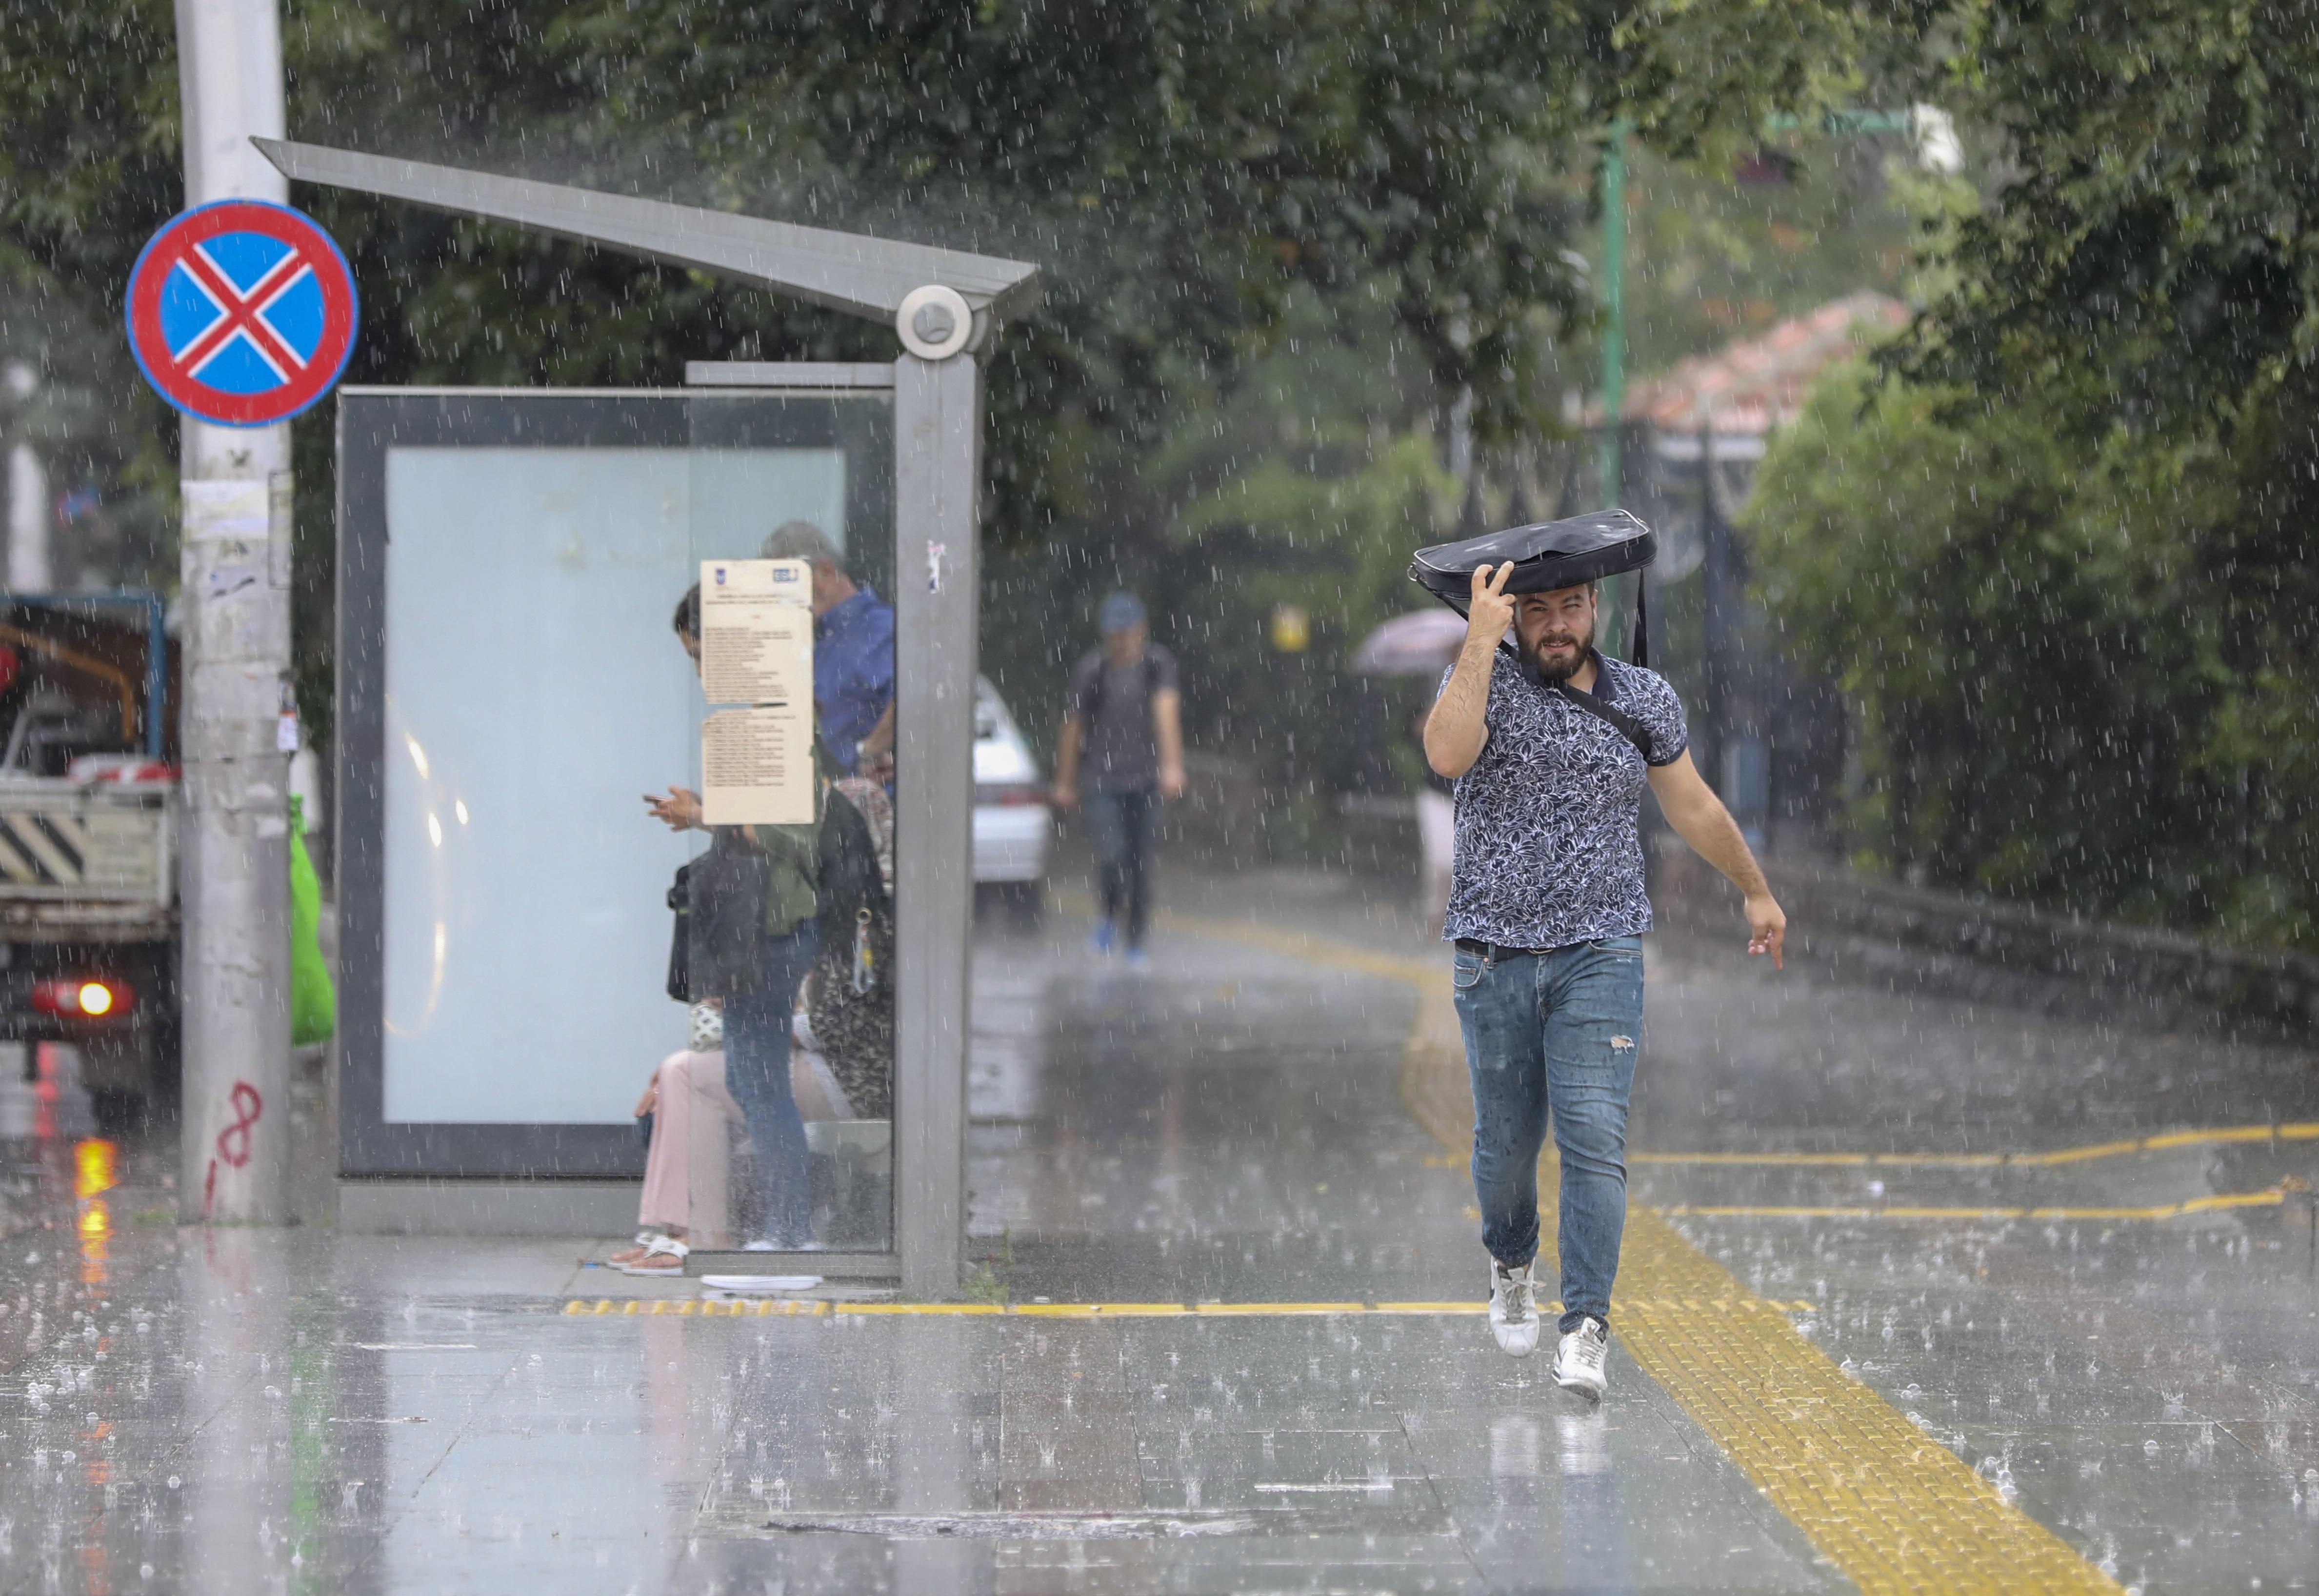 METEO, 9 septembrie 2019: Vreme călduroasă în sud, ploi în vest şi centru